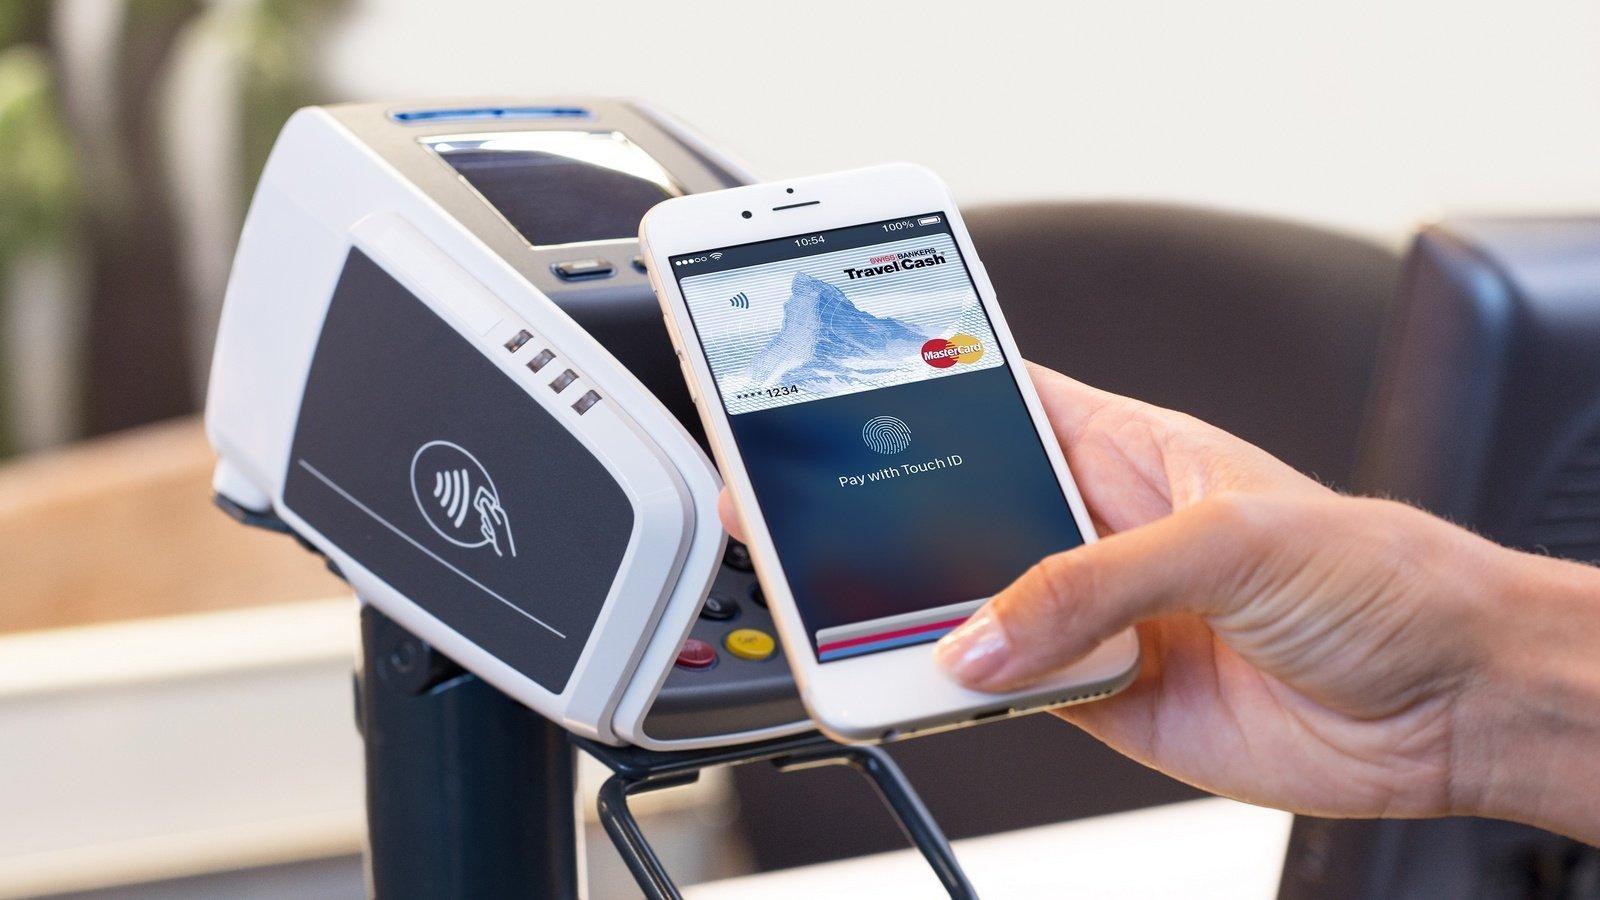 как пользоваться apple pay на iphone 7